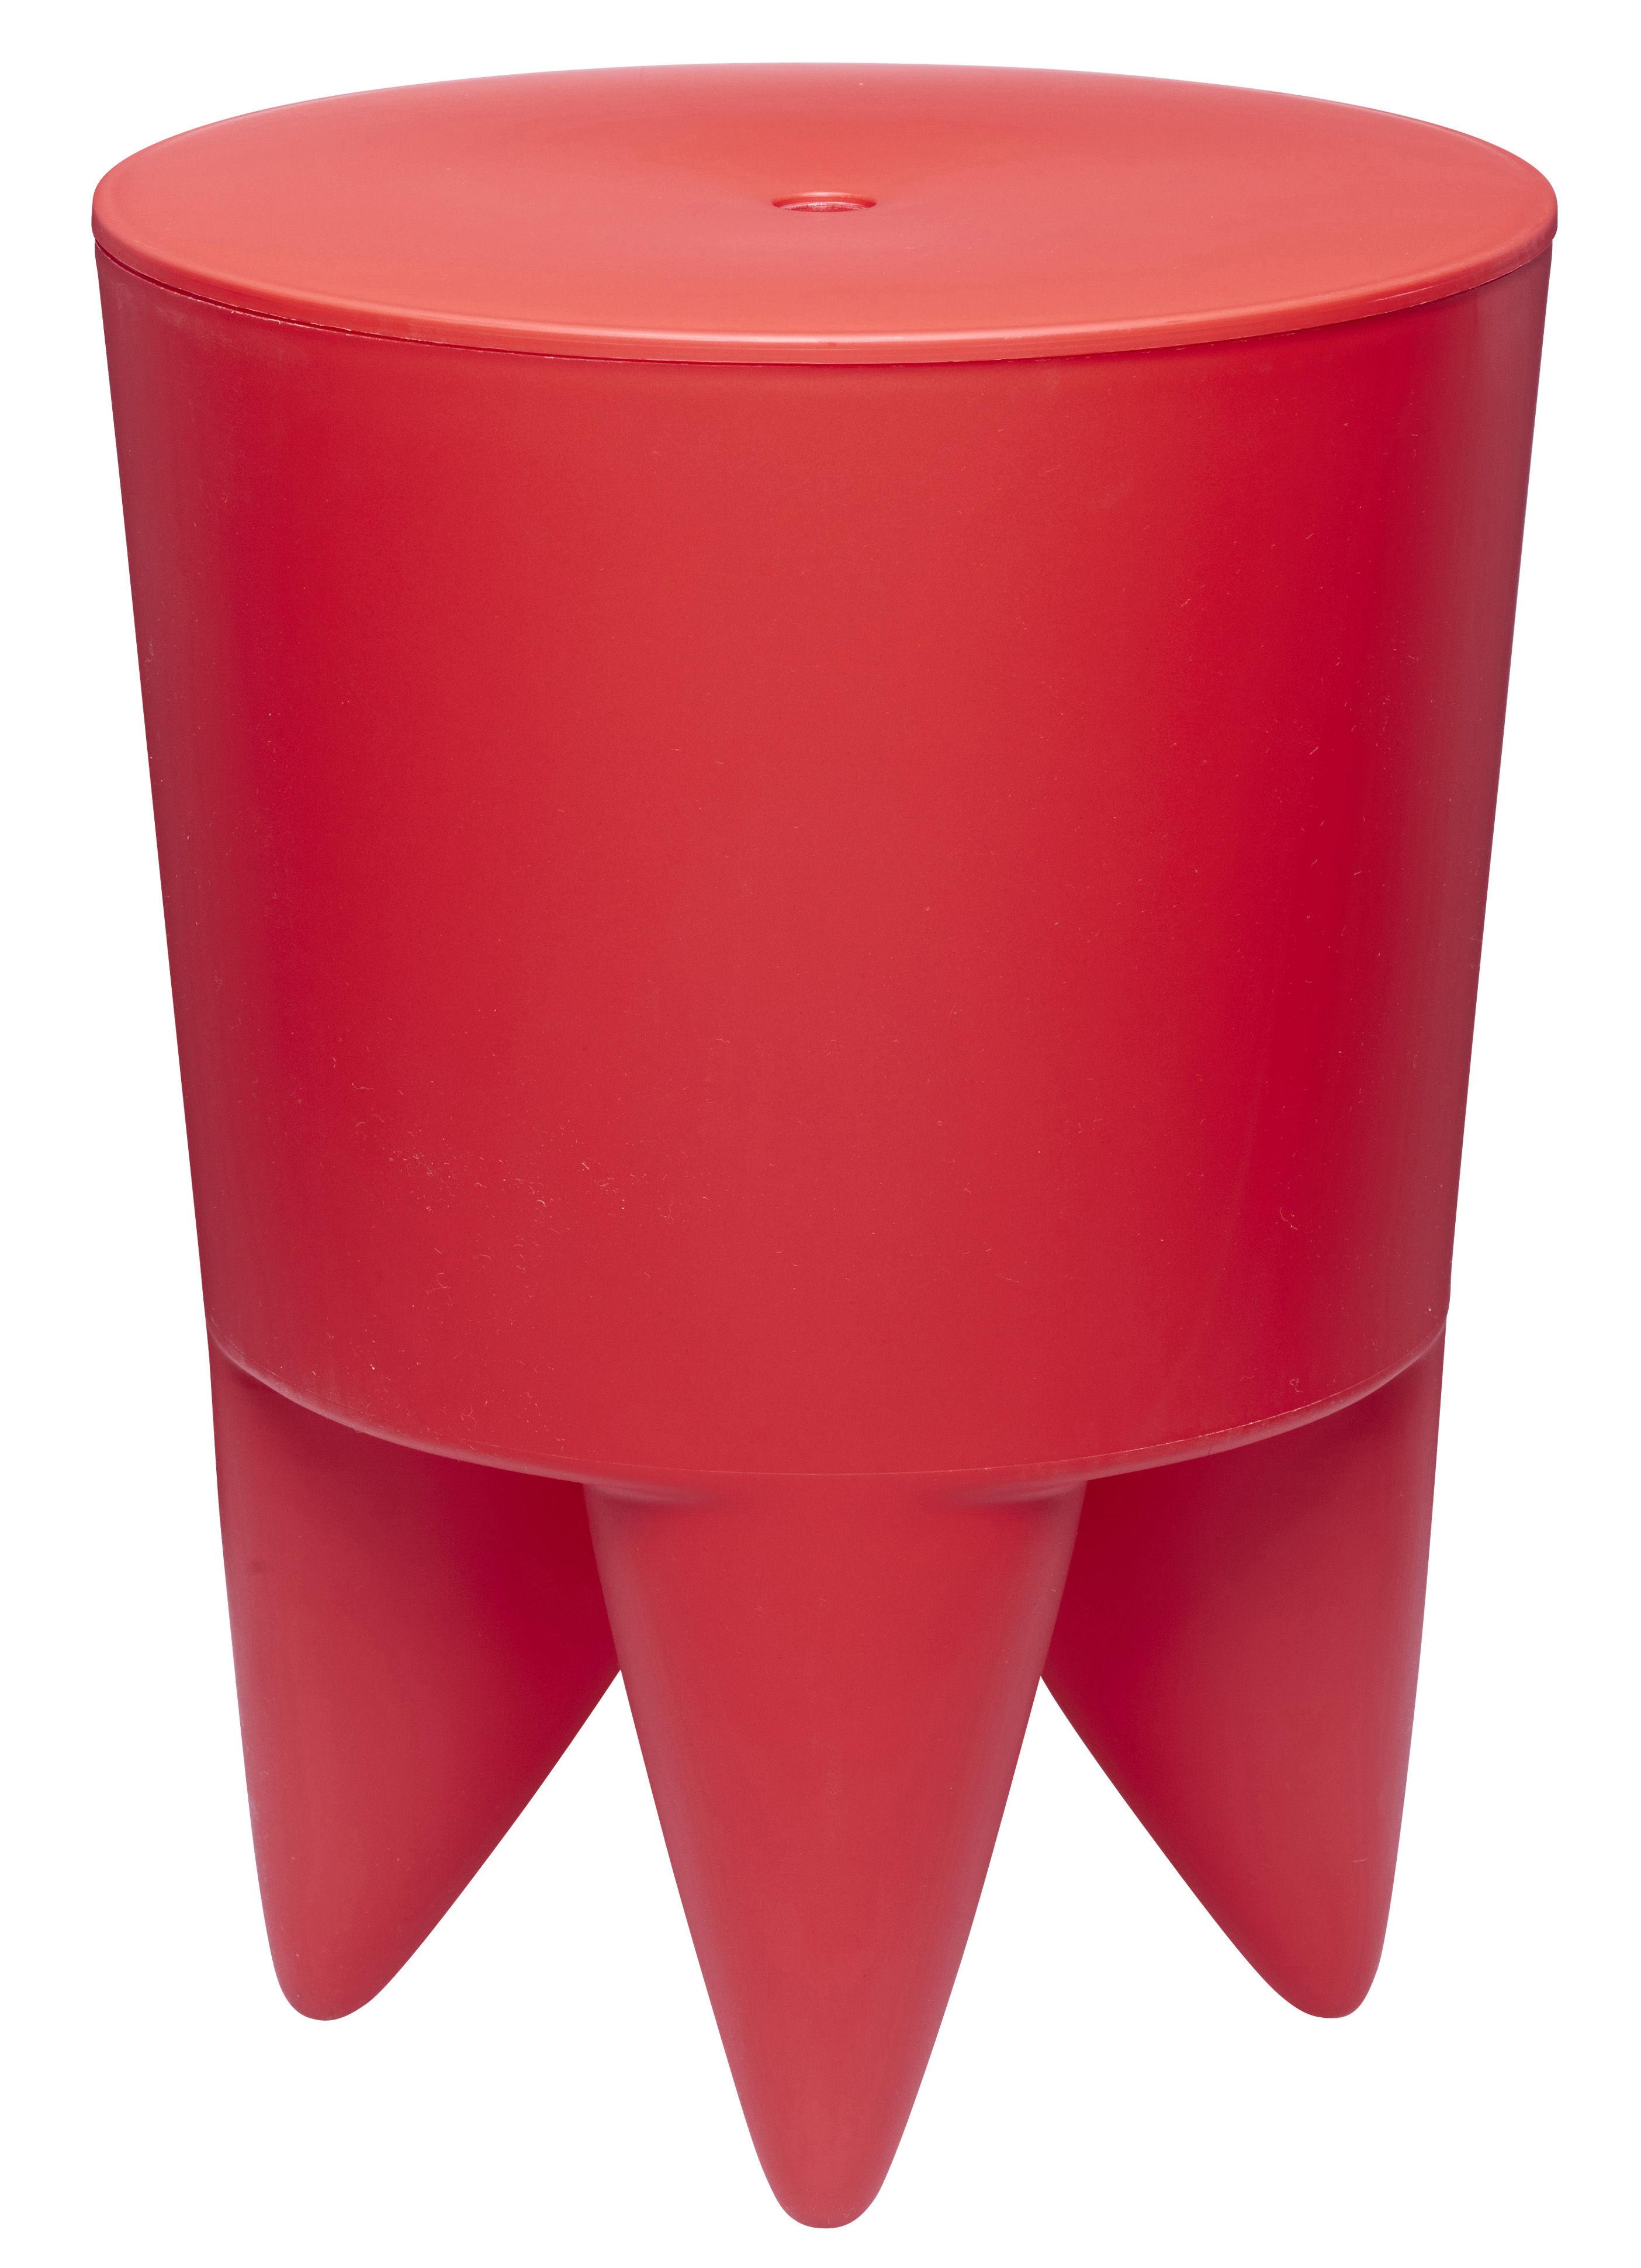 tabouret new bubu 1er coffre plastique rouge xo. Black Bedroom Furniture Sets. Home Design Ideas